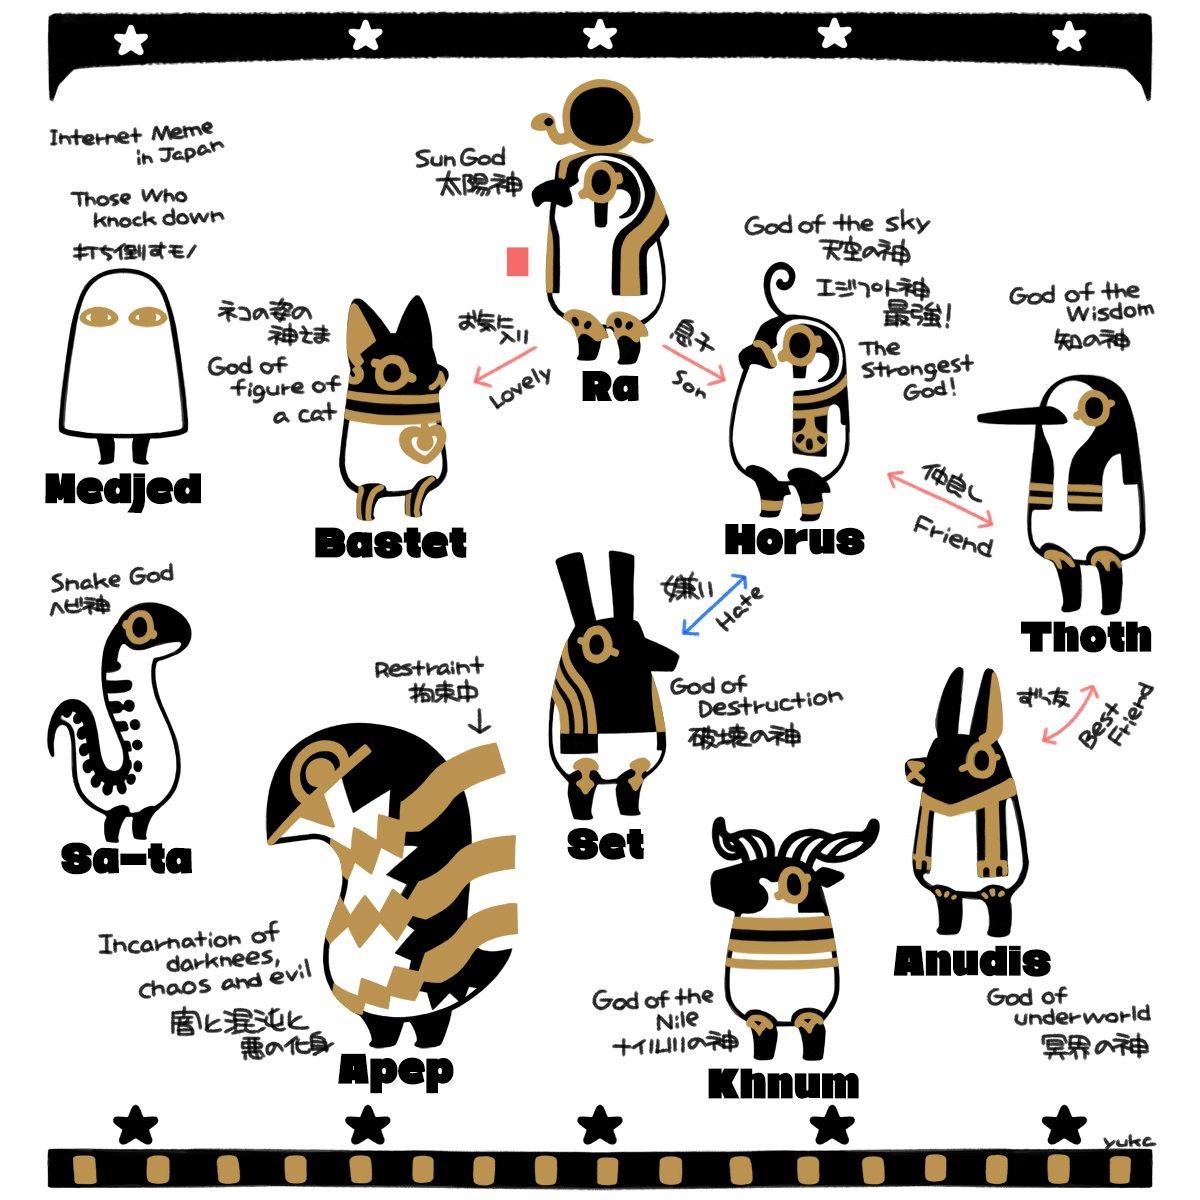 エジプト神達の簡単な説明 #とーとつにエジプト神 誤字脱字・Google翻訳英語、許されたし!w